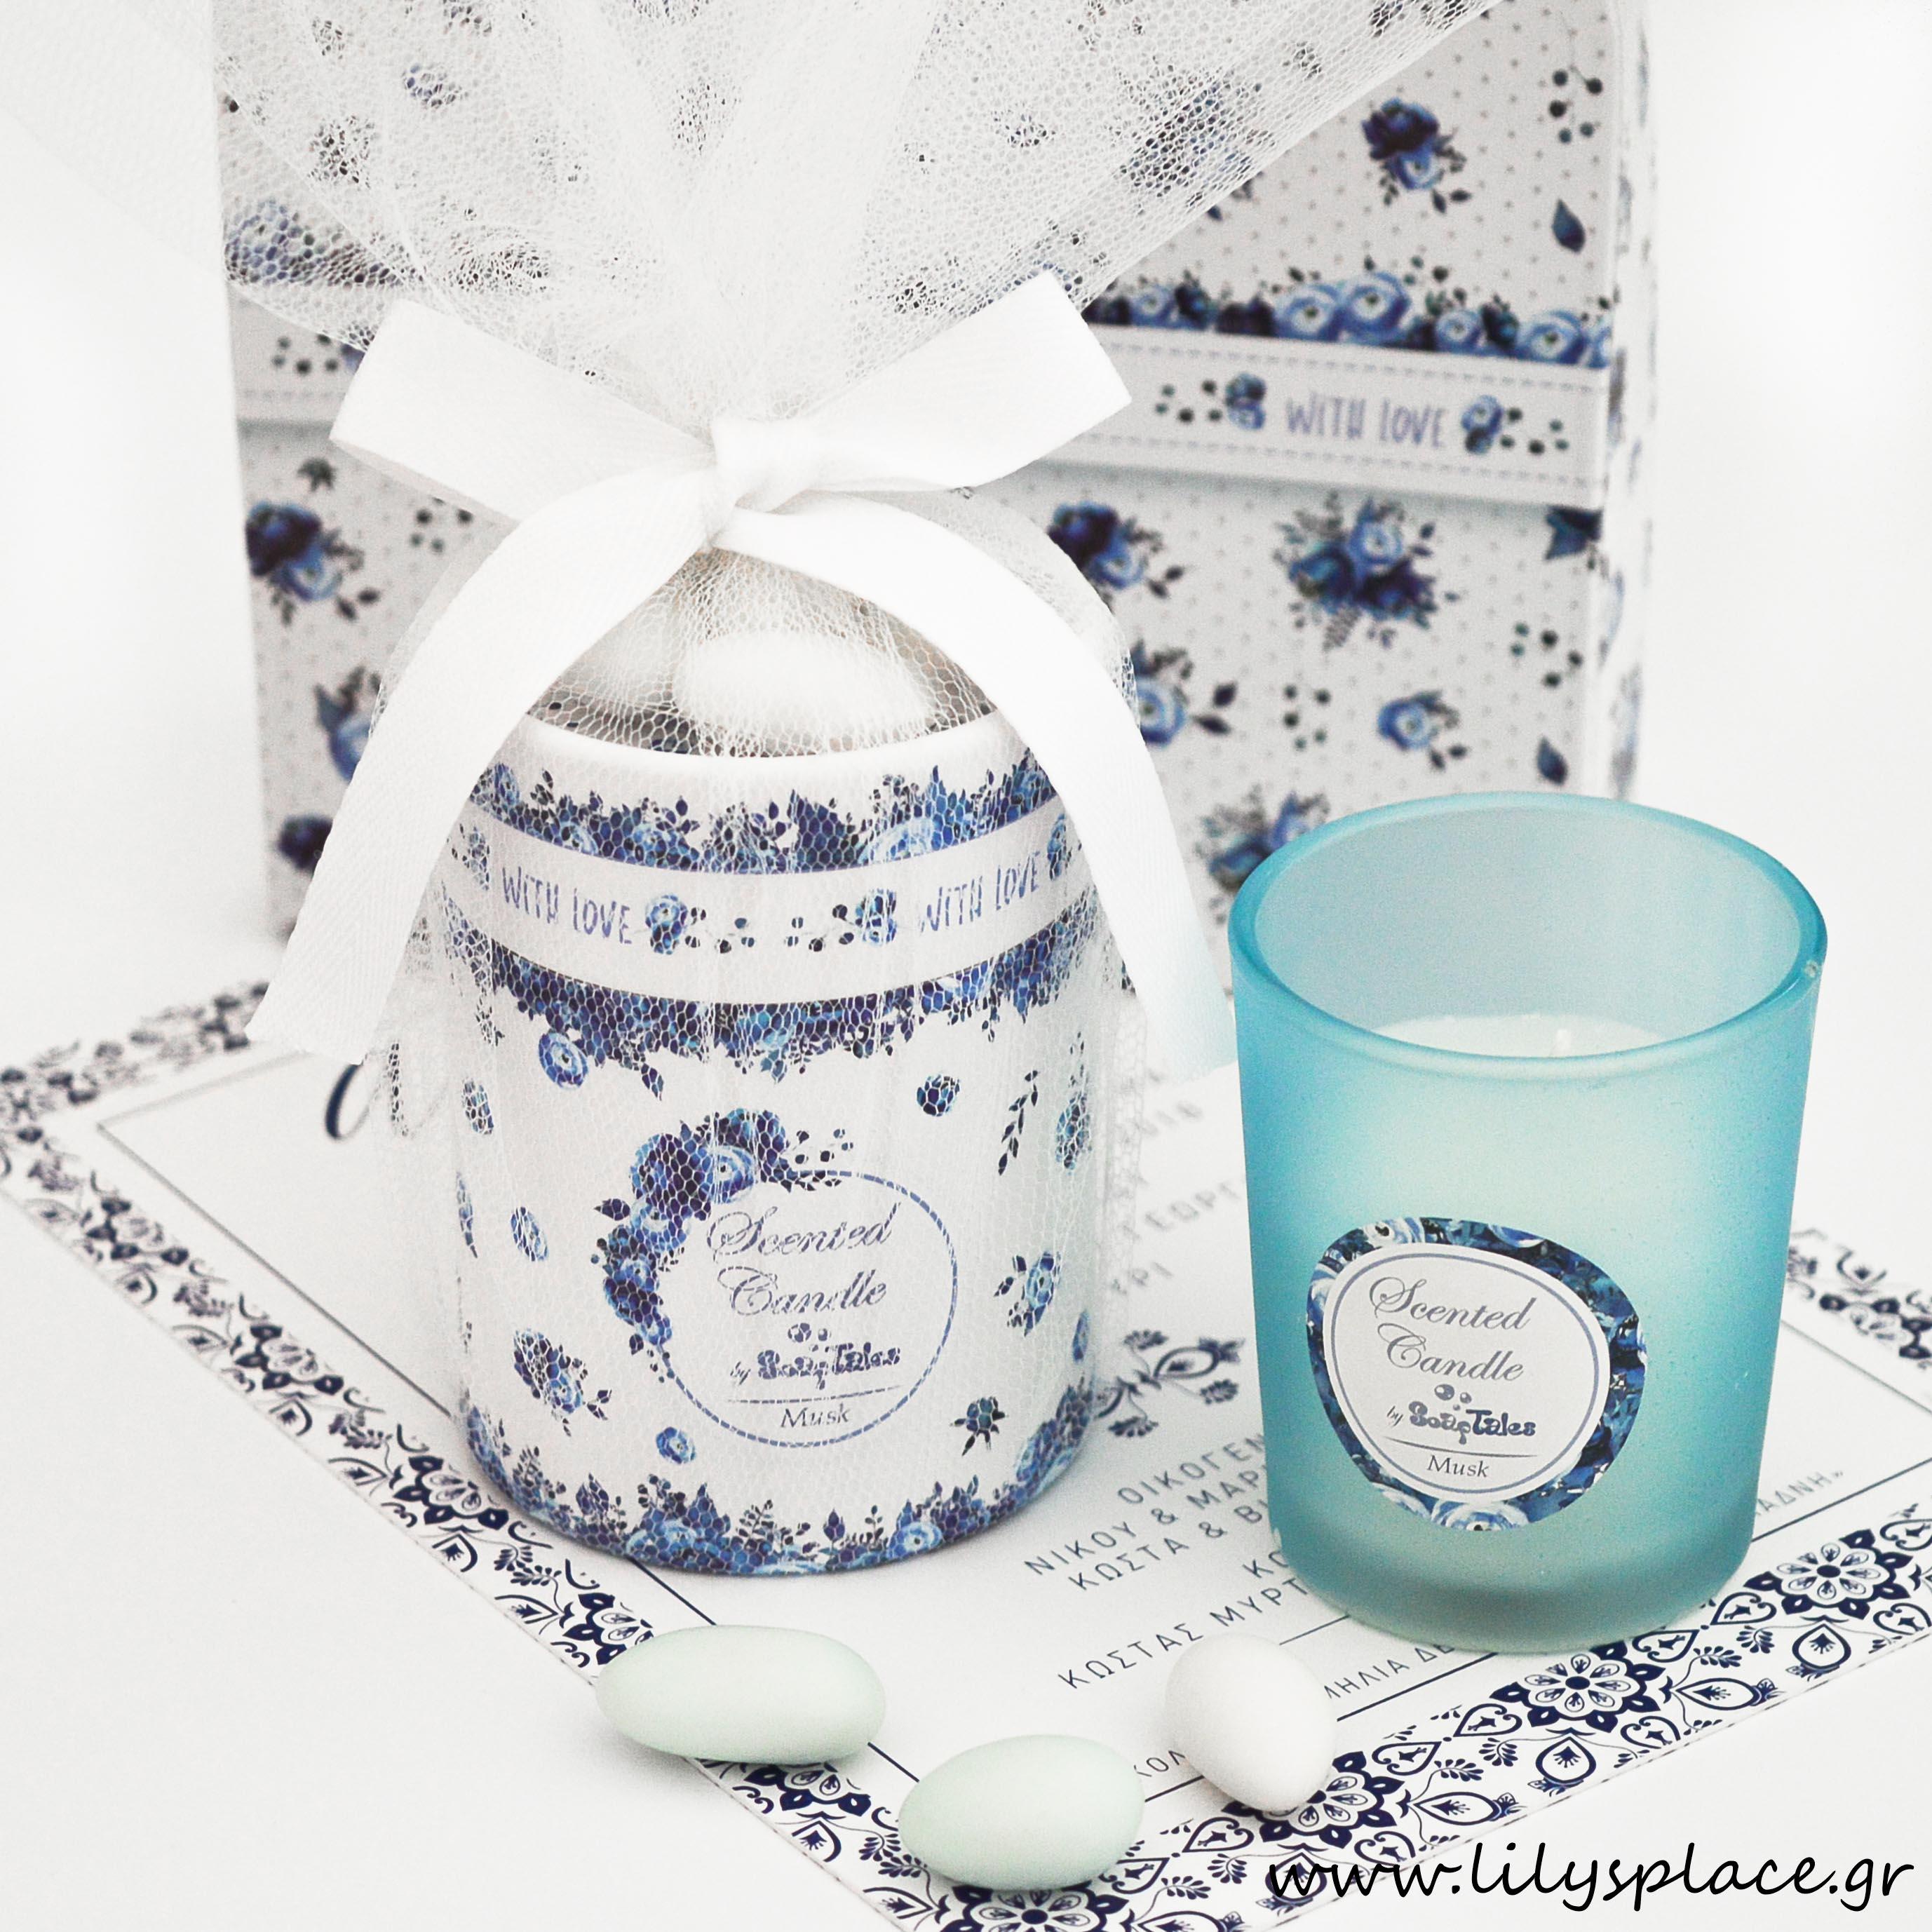 Κερί μπλε λουλούδια σε κουτί